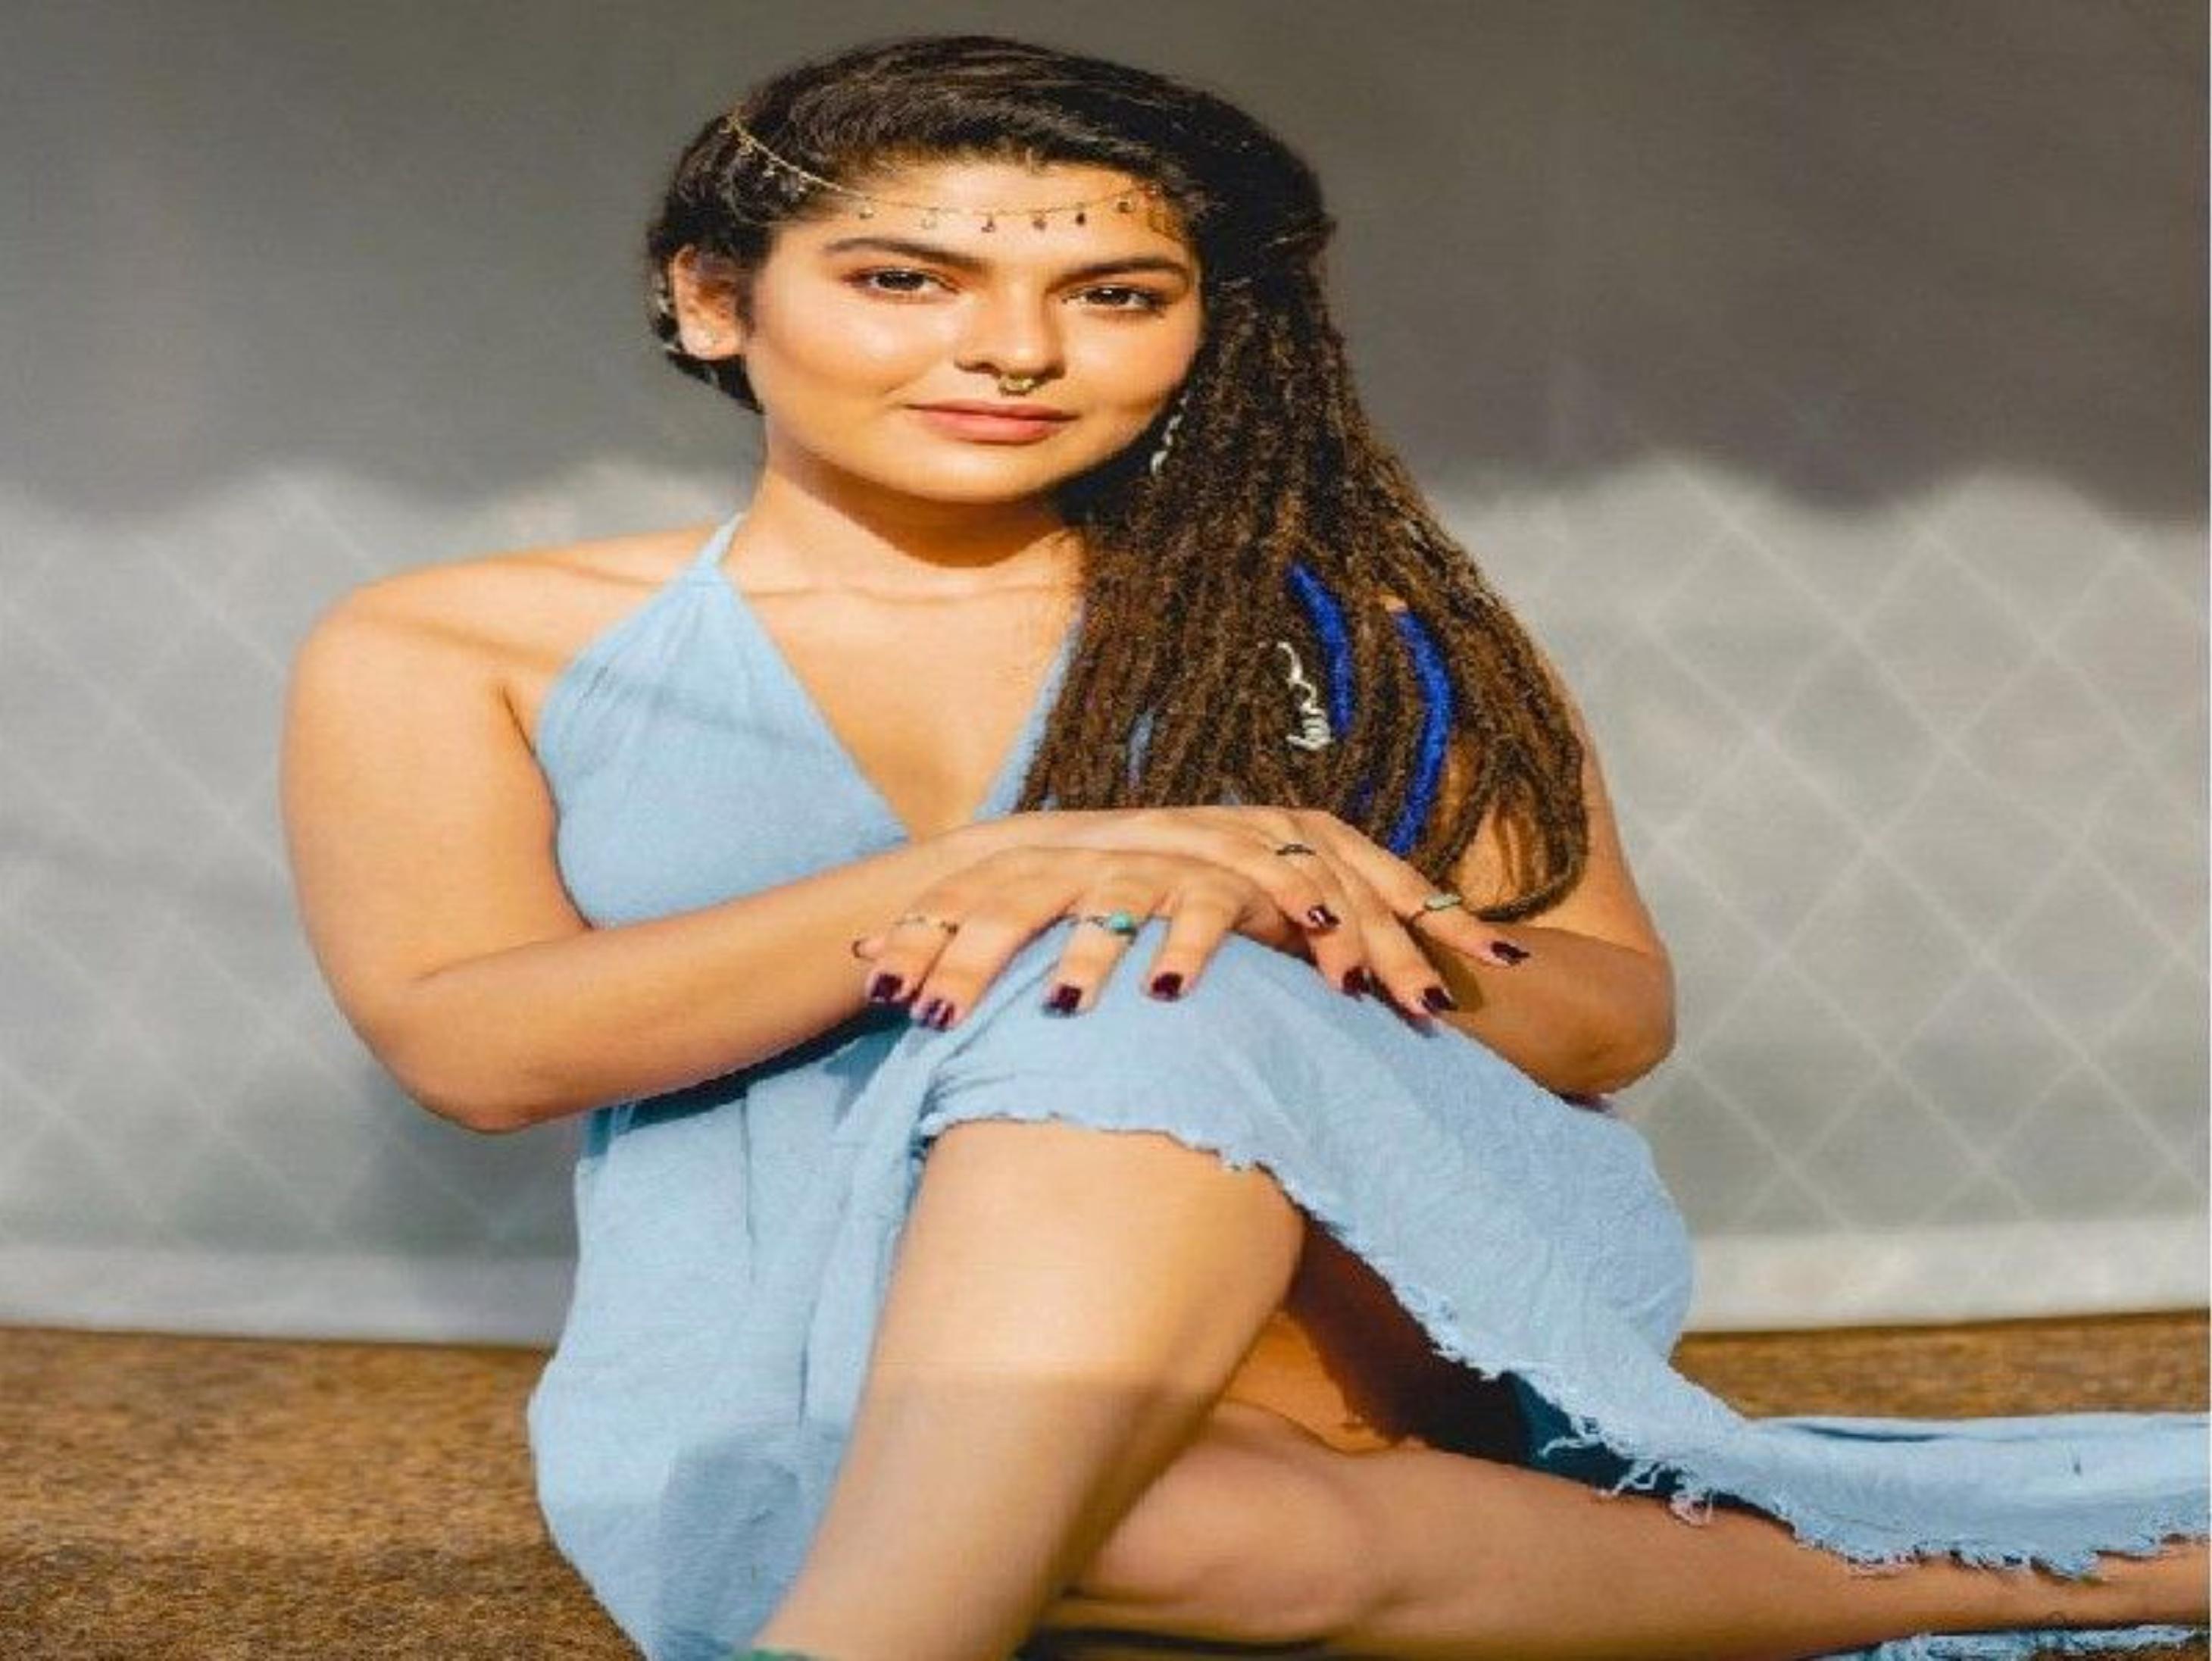 'तारक मेहता' फेम निधि भानुशाली रोड ट्रिप के चलते नहीं बन पाईं शो का हिस्सा, पिछले 3 महीने में सिर्फ एक बार लौटी थी घर|टीवी,TV - Dainik Bhaskar